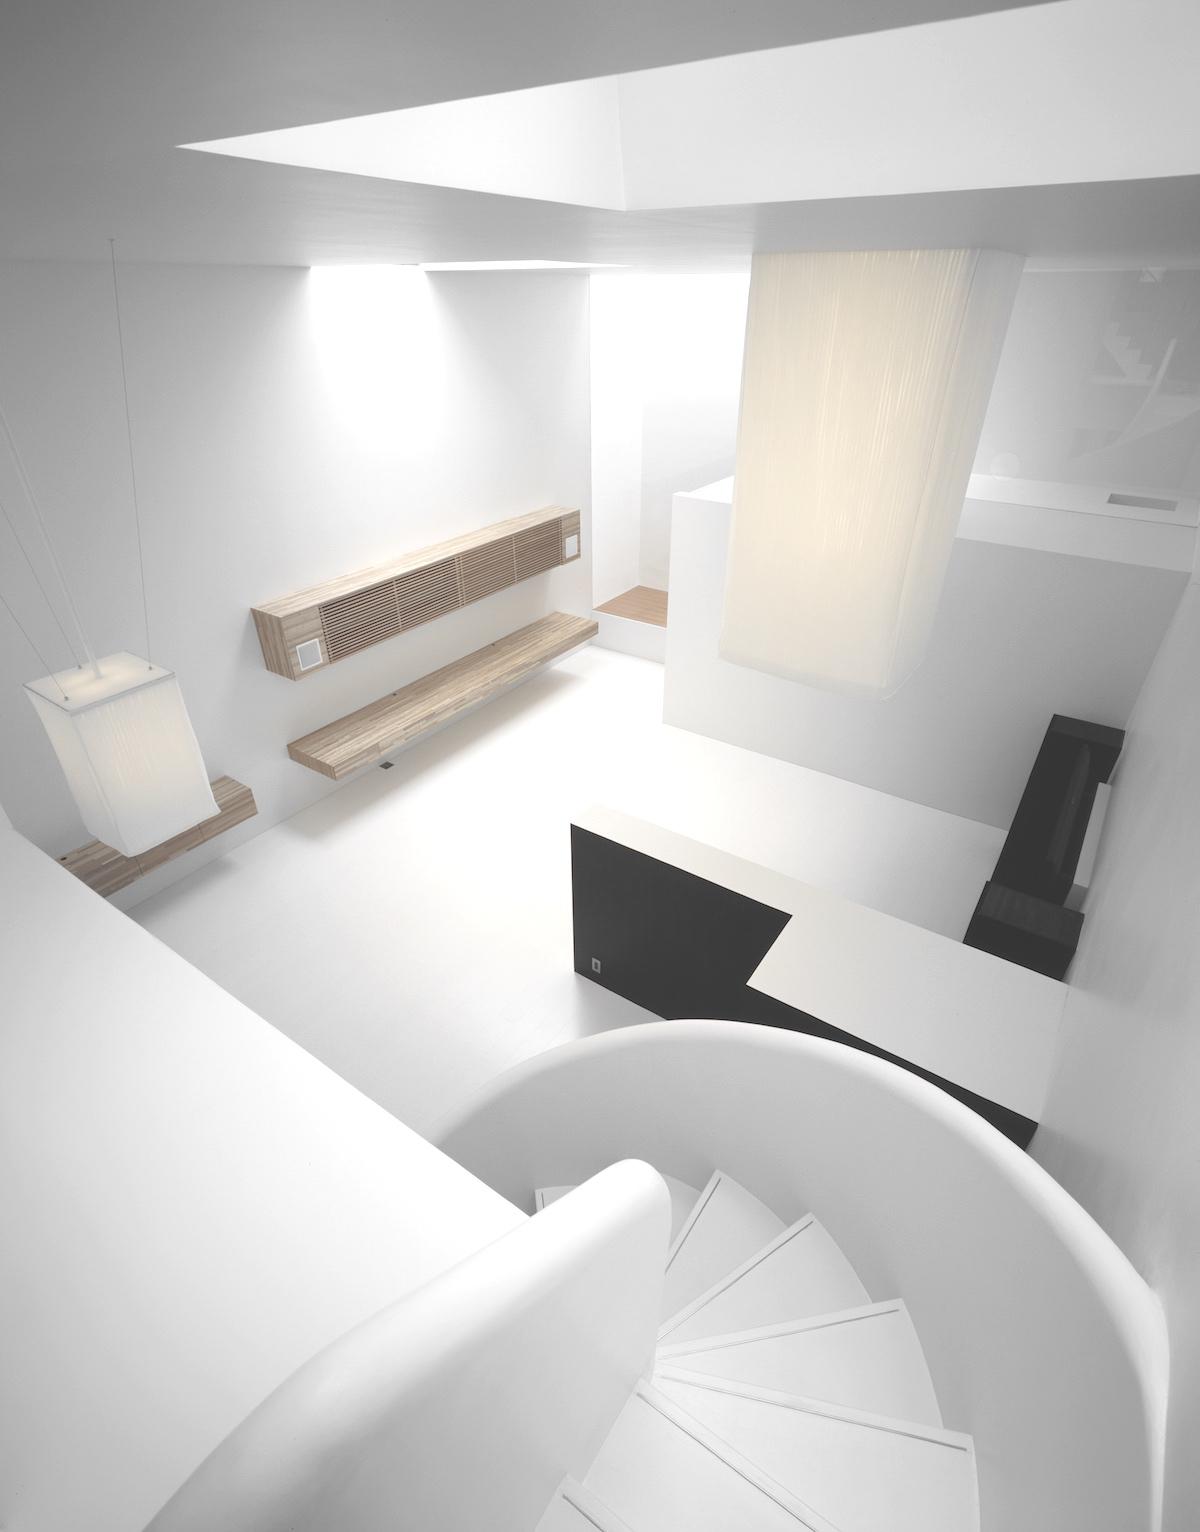 La luz natural juega armoniosamente con las sombras creando algunos tonos de gris en los elementos arquitectónicos